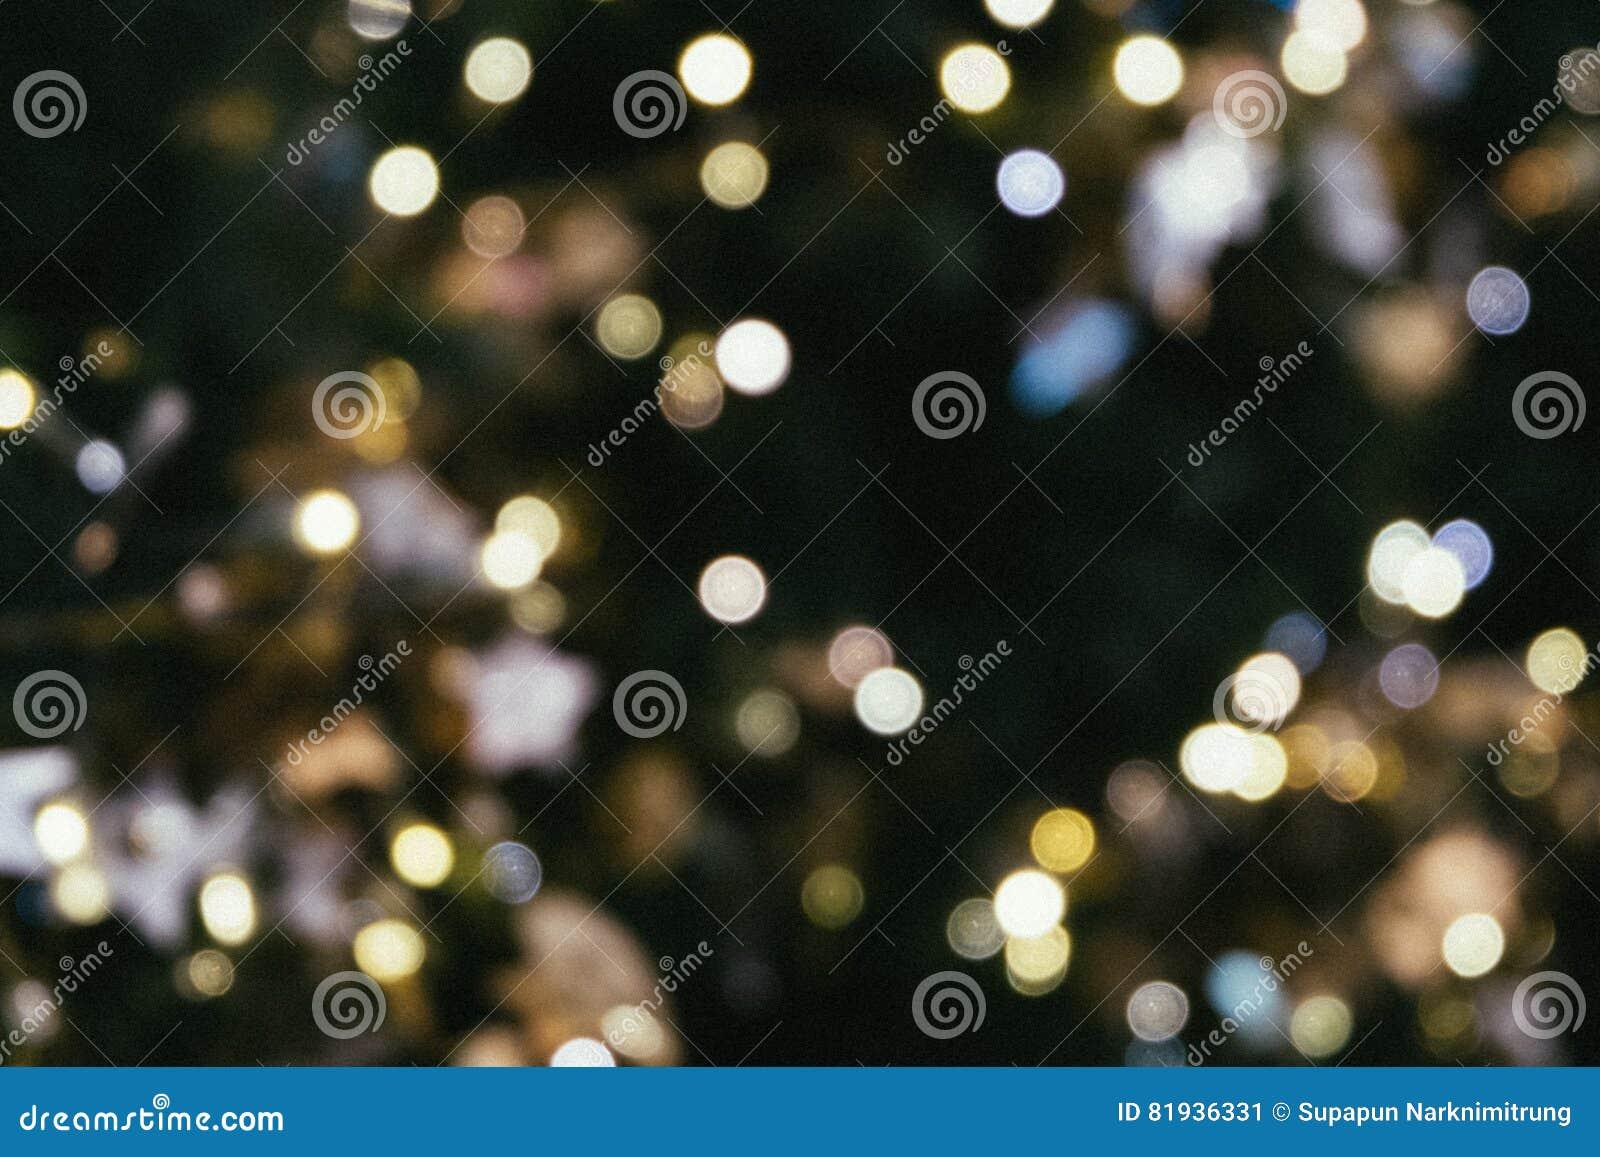 Свет bokeh рождественской елки в зеленом желтом золотом цвете, предпосылке праздника абстрактной, запачкает defocused с цветом би